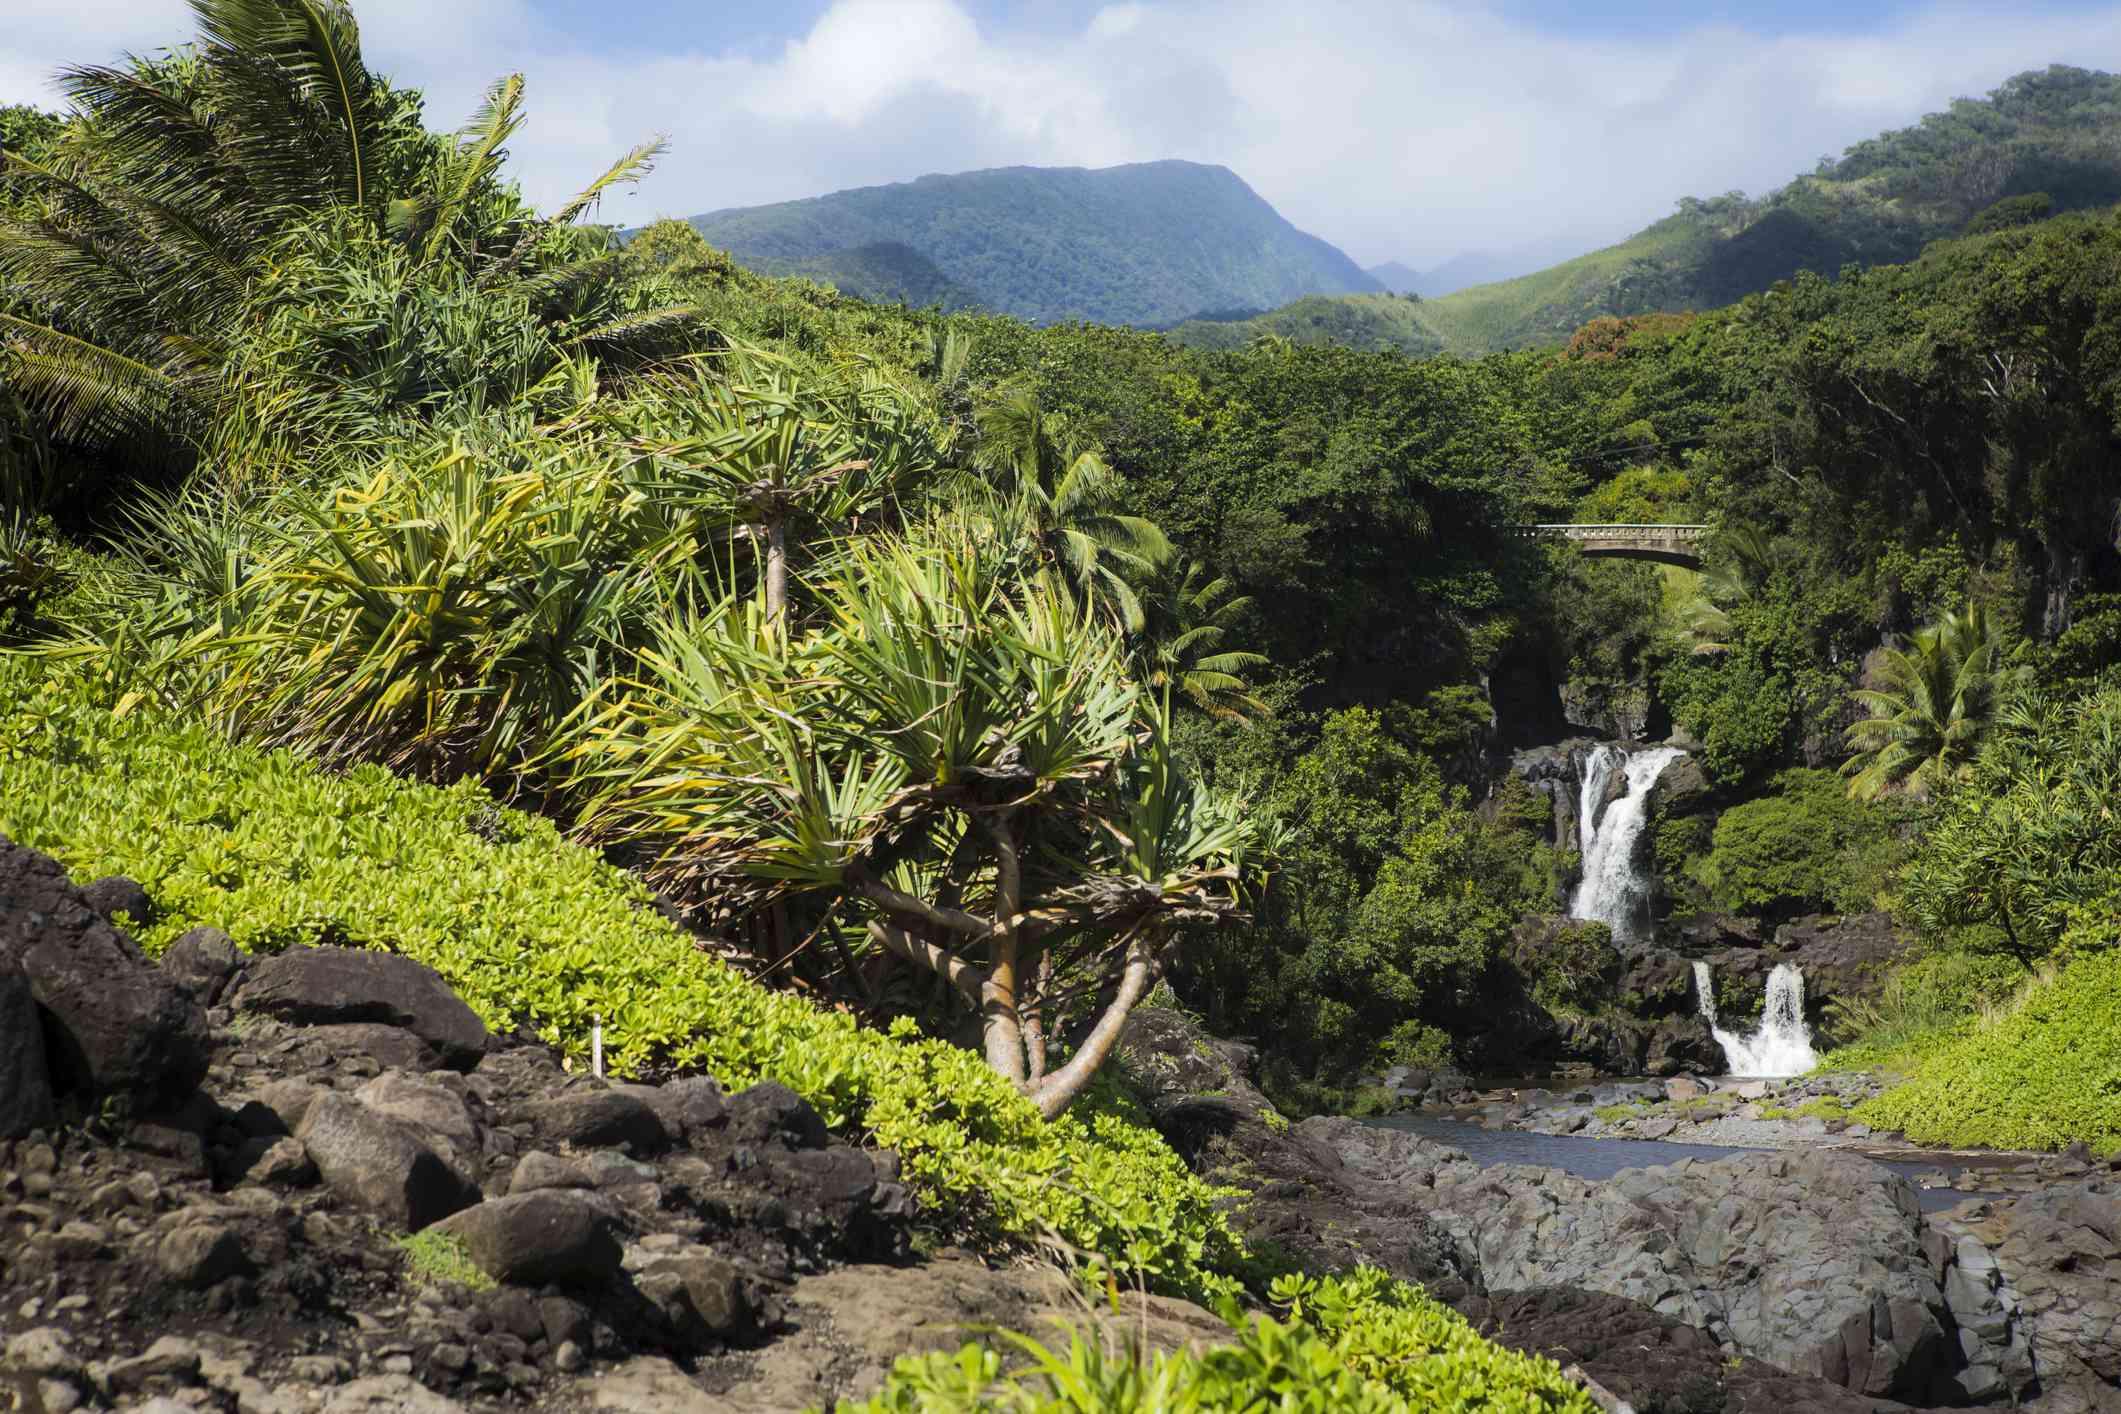 'Ohe'o Gulch on Maui